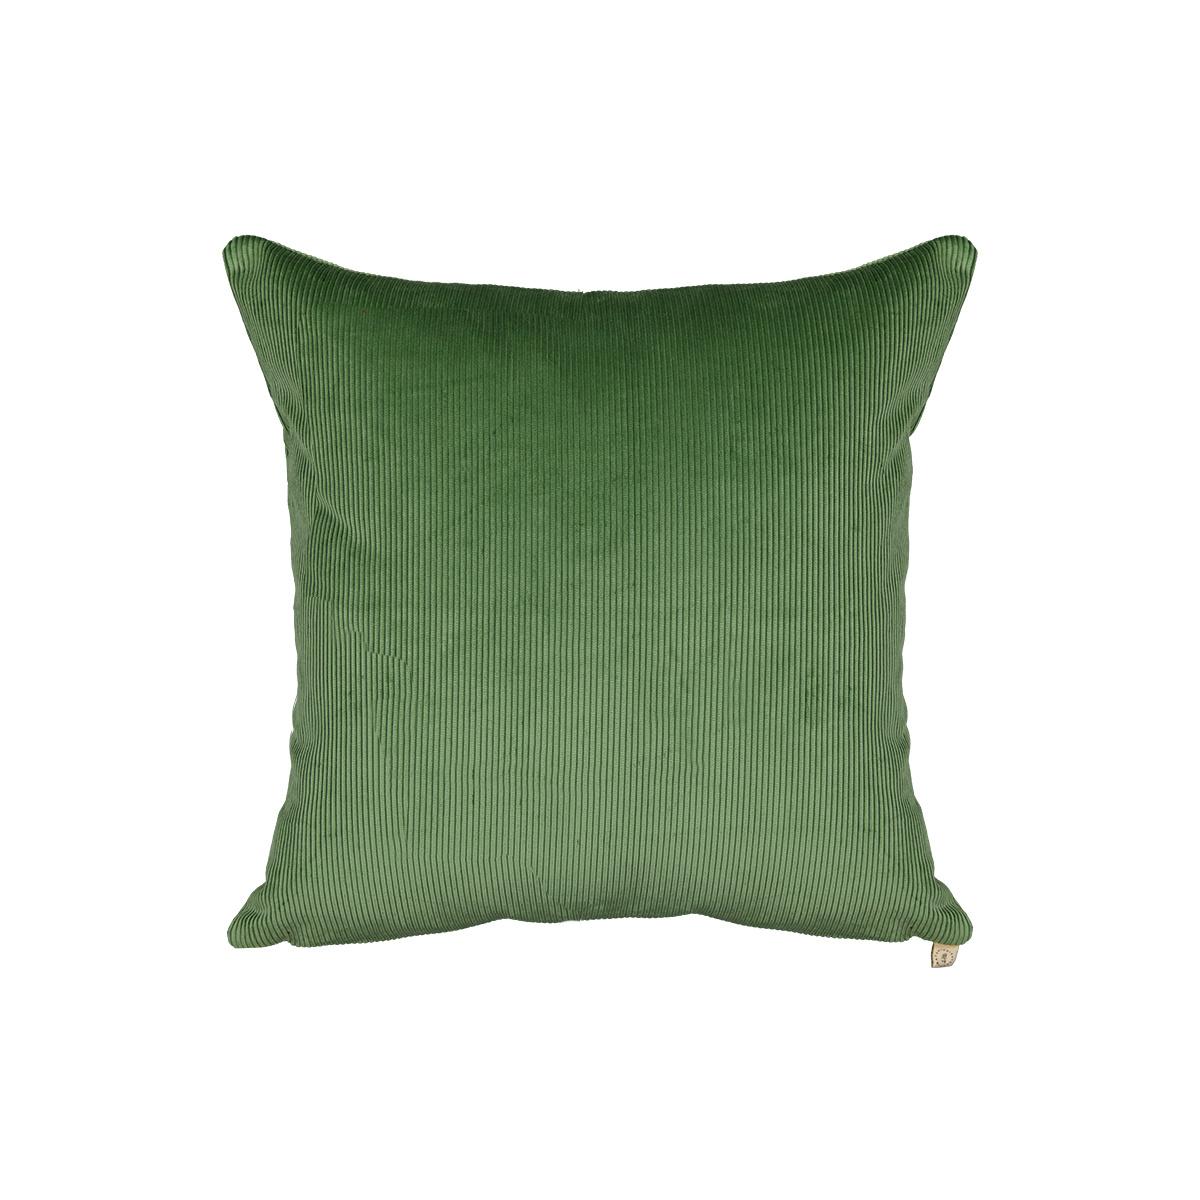 Coussin Carino velours côtelé vert amande